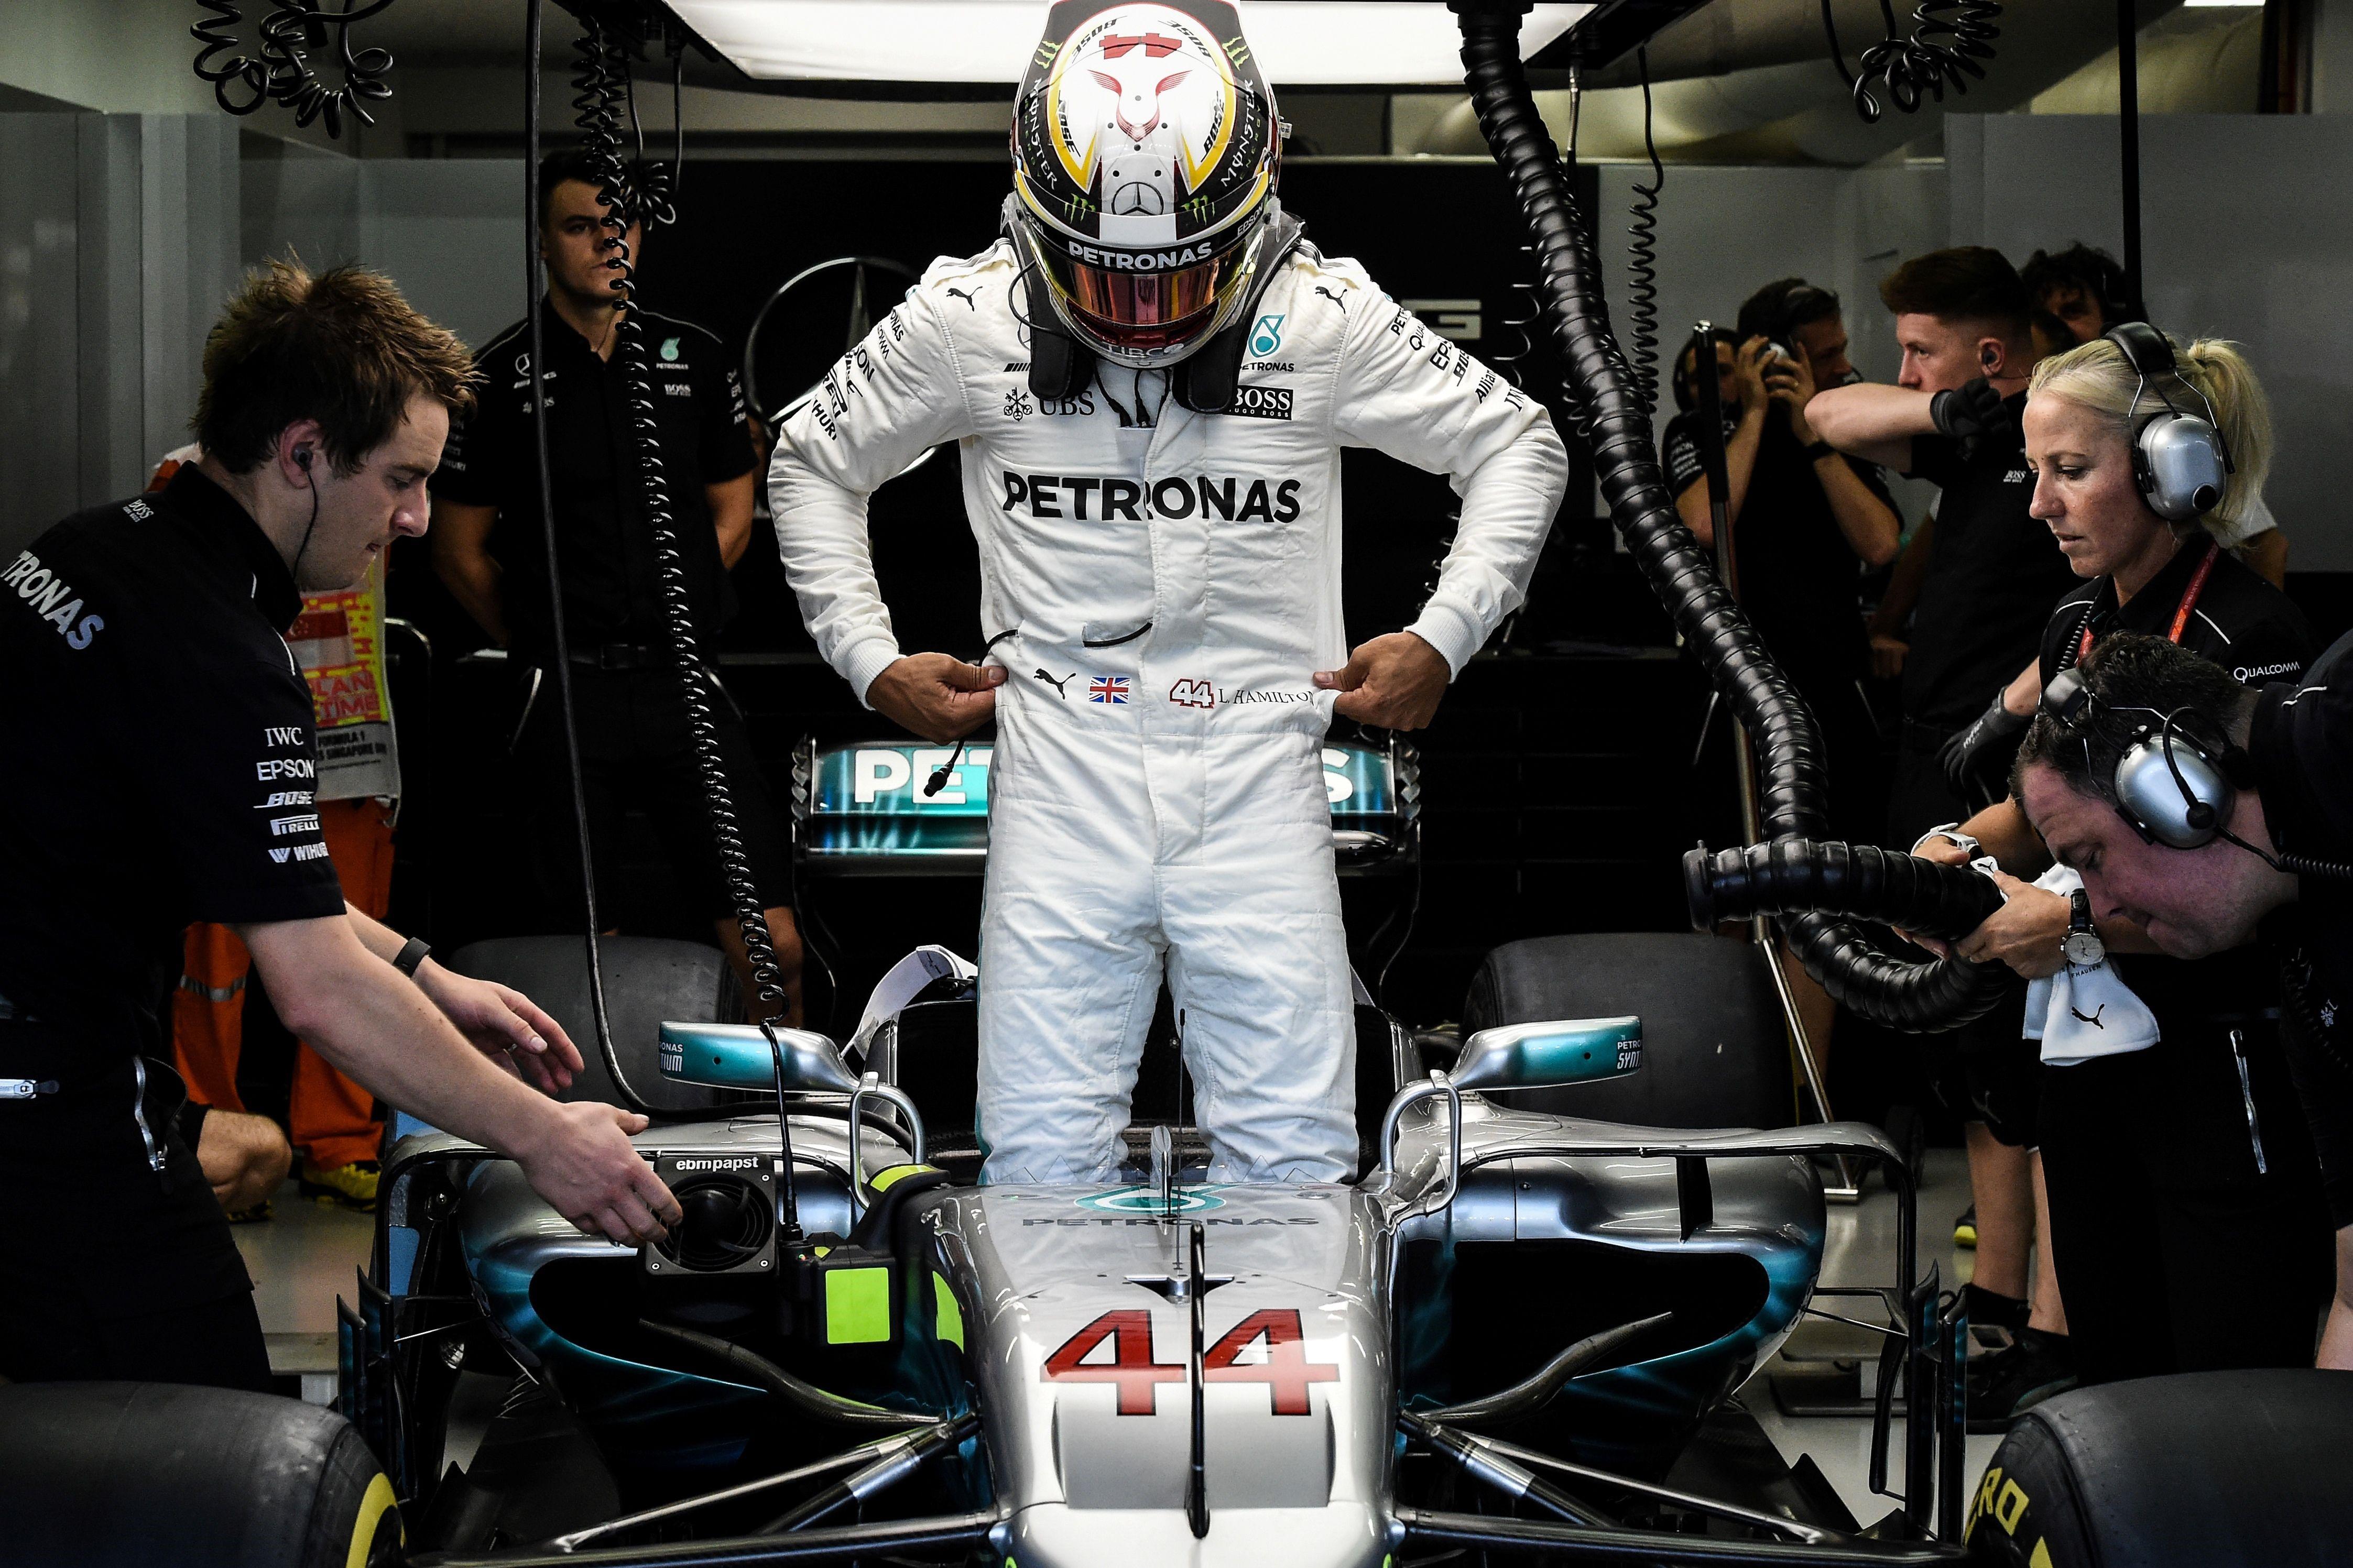 Lewis Hamilton (Mercedes) au Grand Prix de Singapour 2017